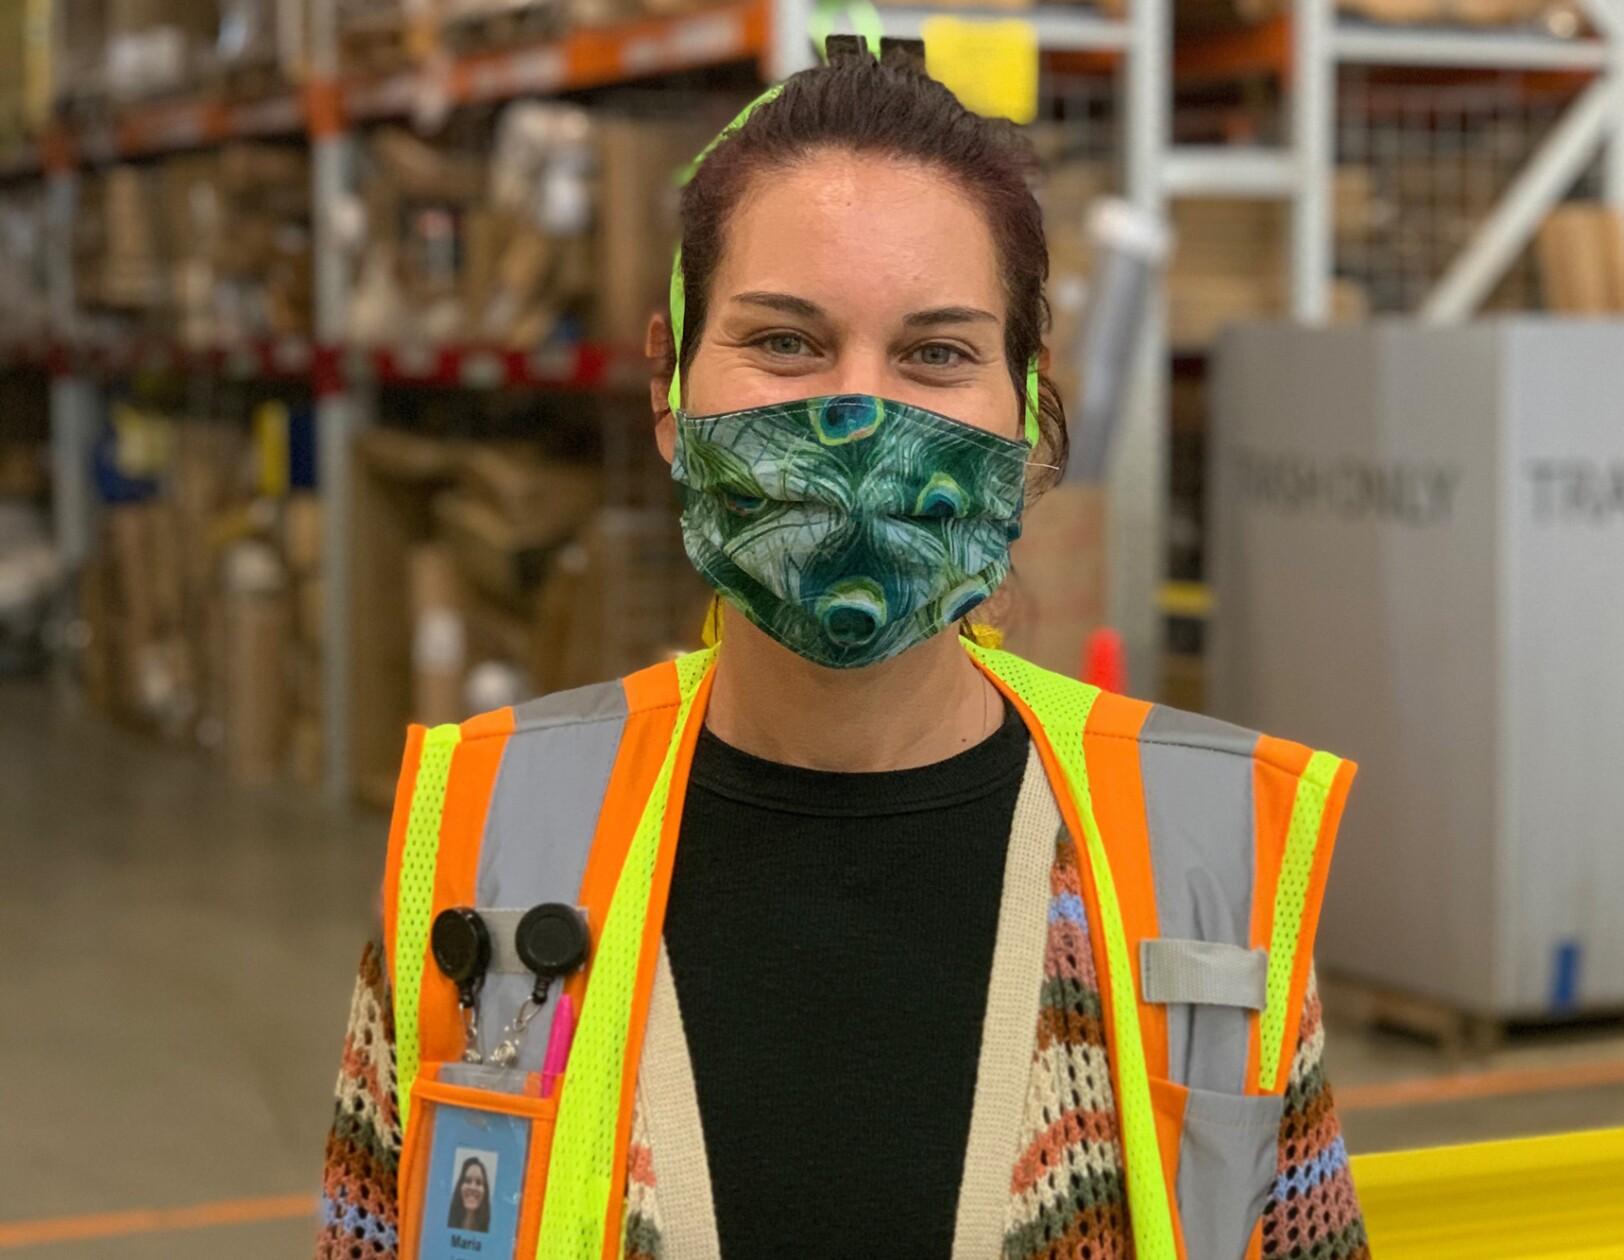 Women at Amazon